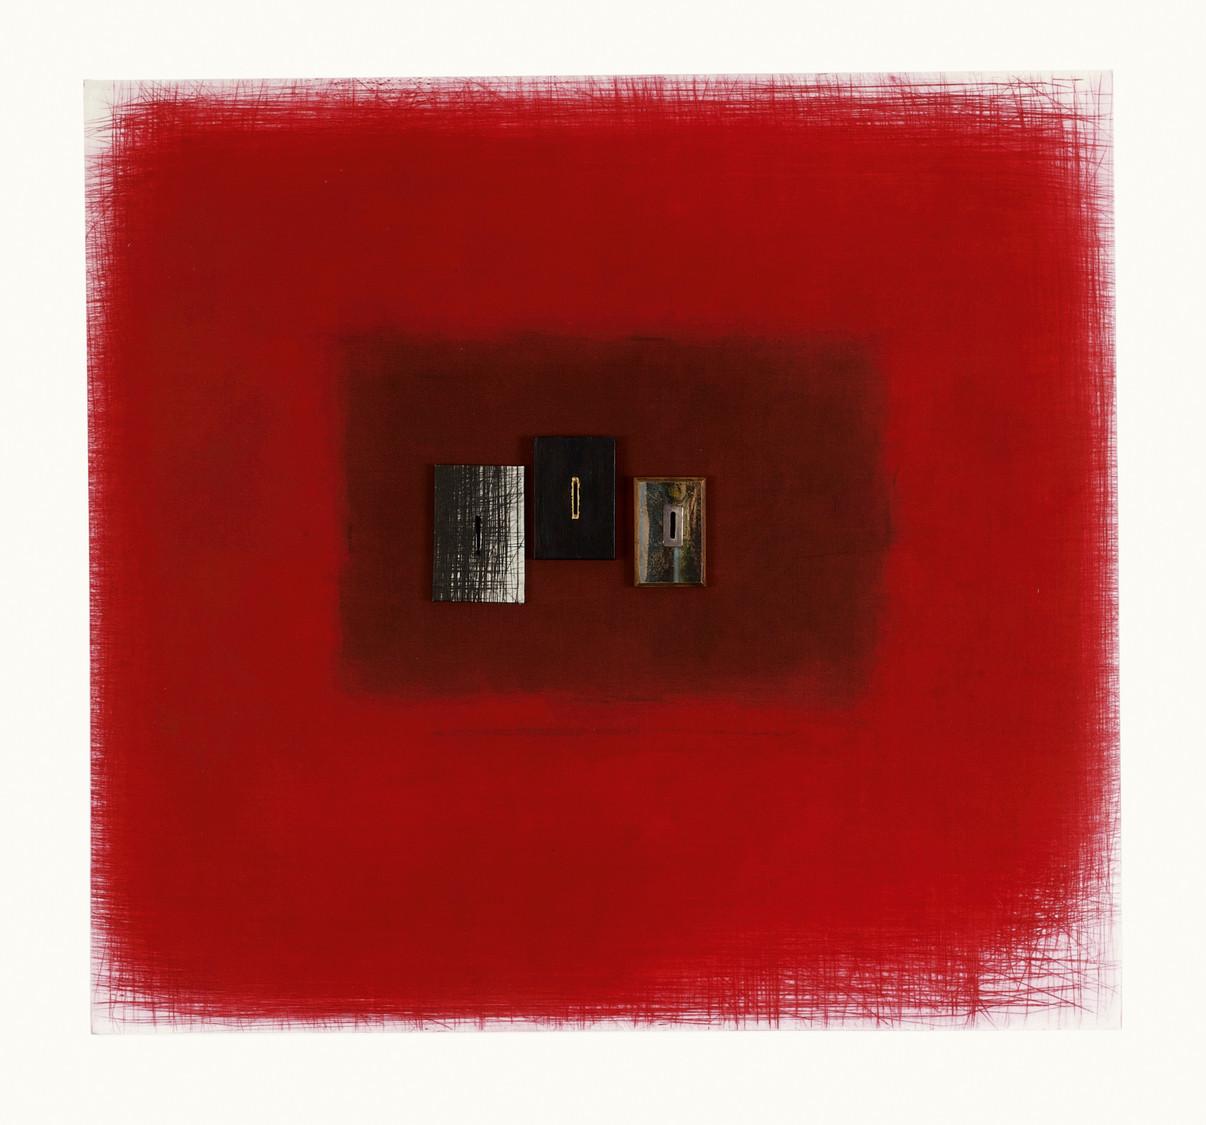 Erotico - 110 x 115 cm